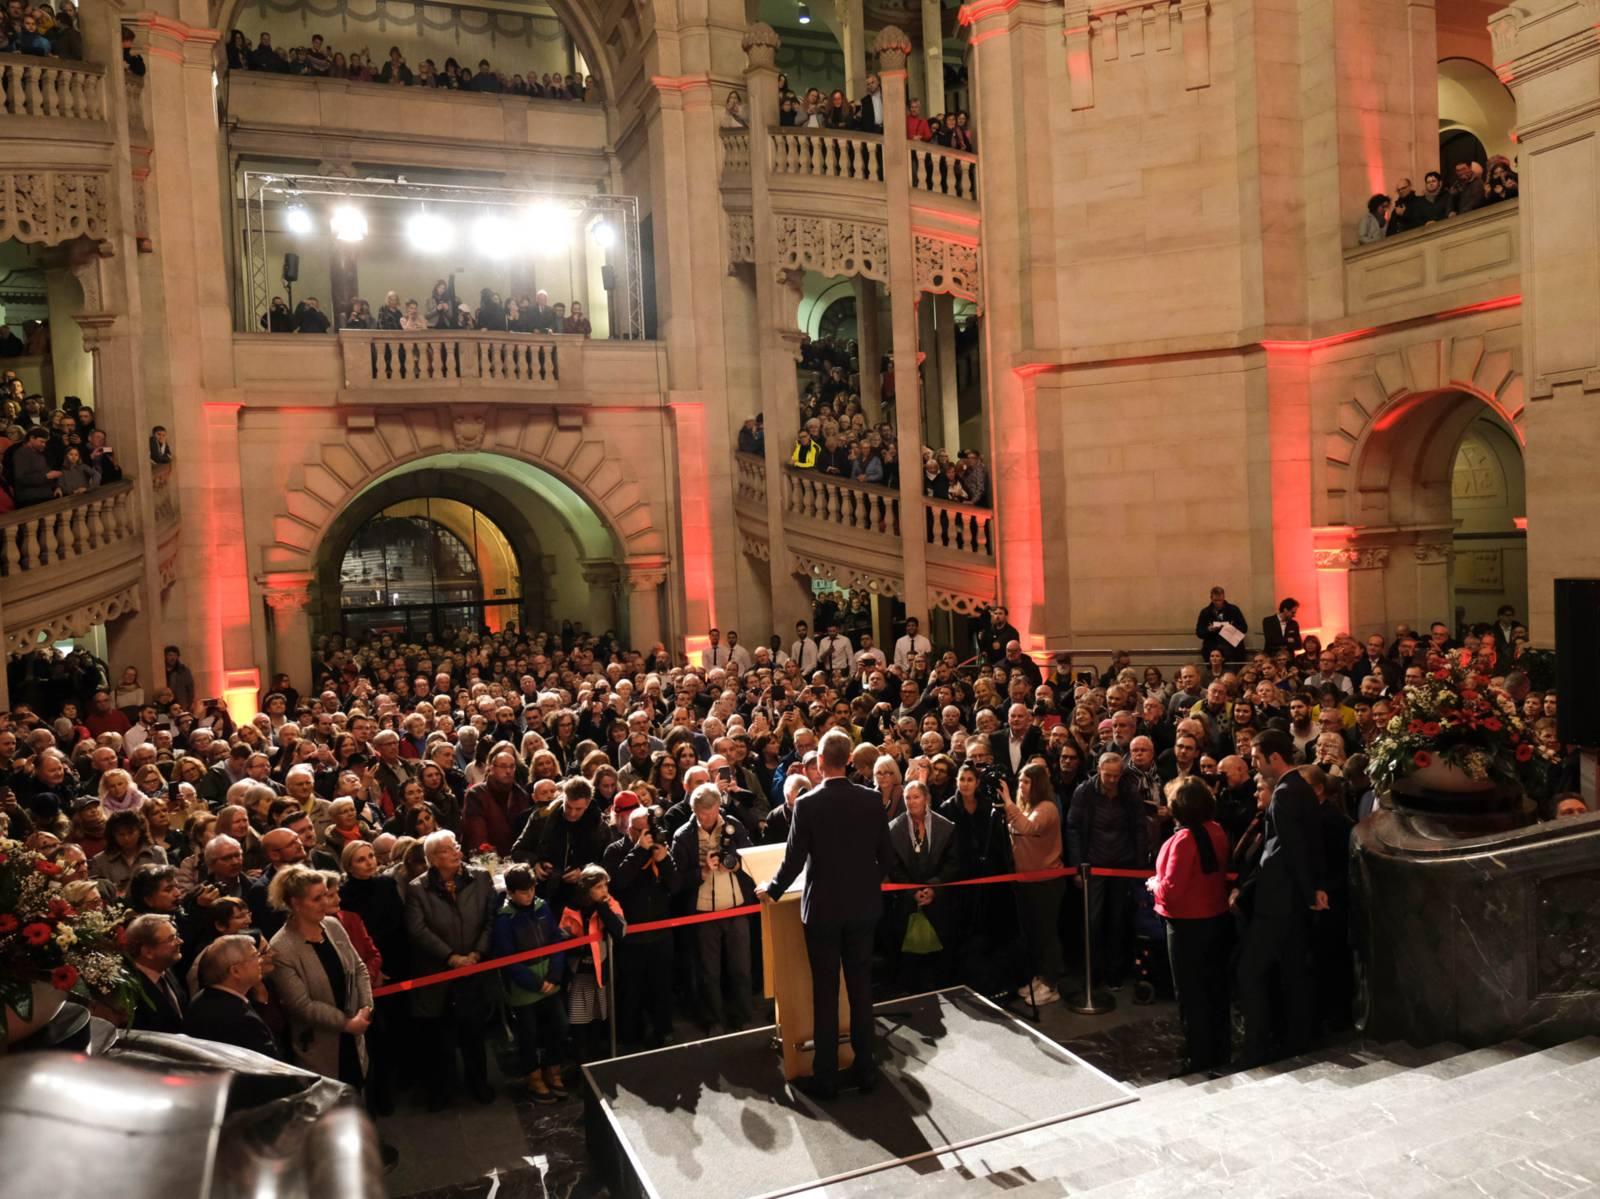 Menschen in einer großen Halle, die einem Mann am Rednerpult zuhören.